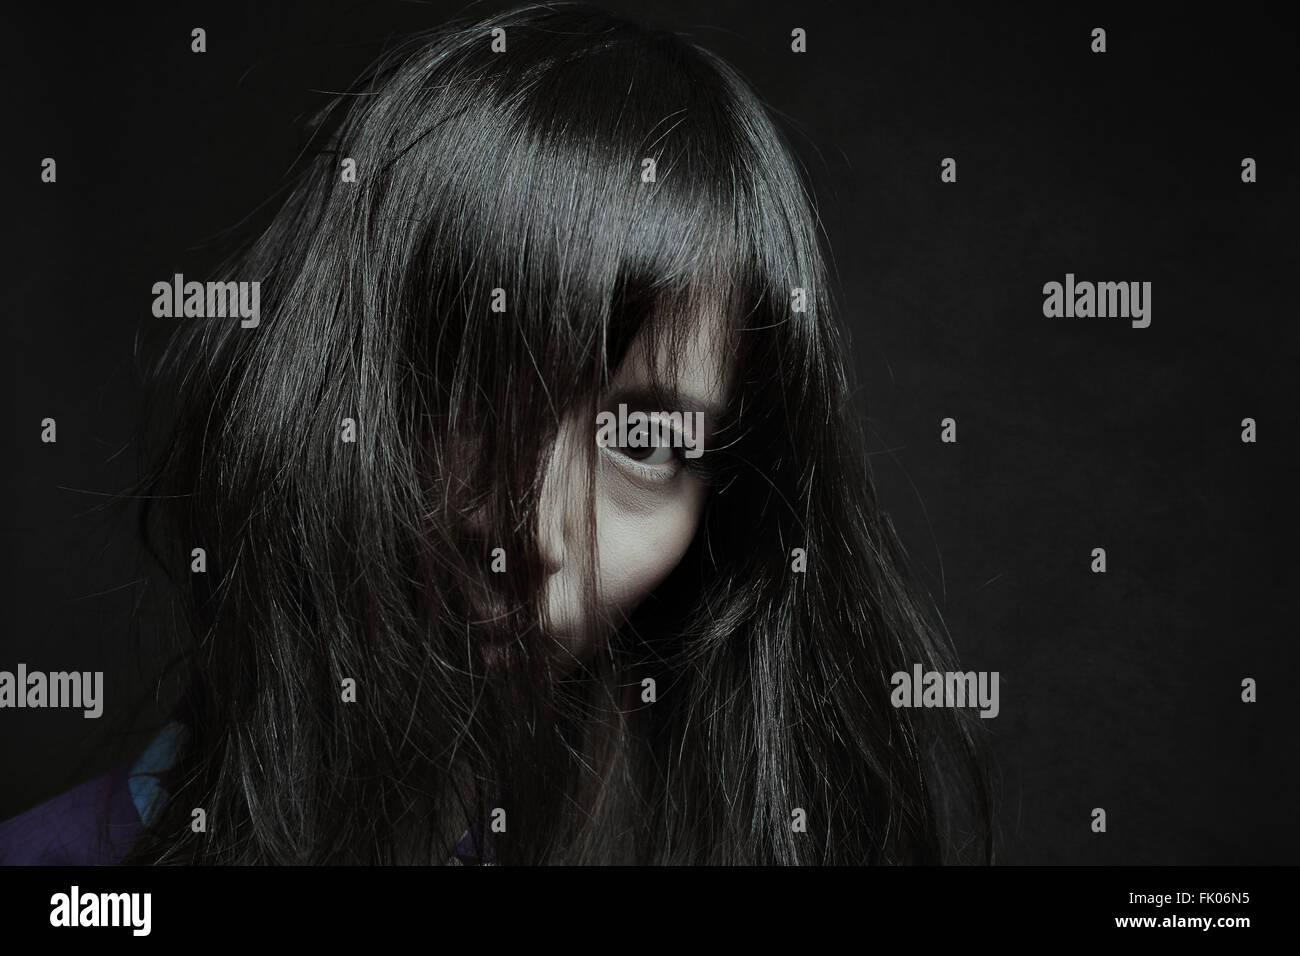 Dunkle Porträt einer blassen Japanerin. Halloween und horror Stockbild